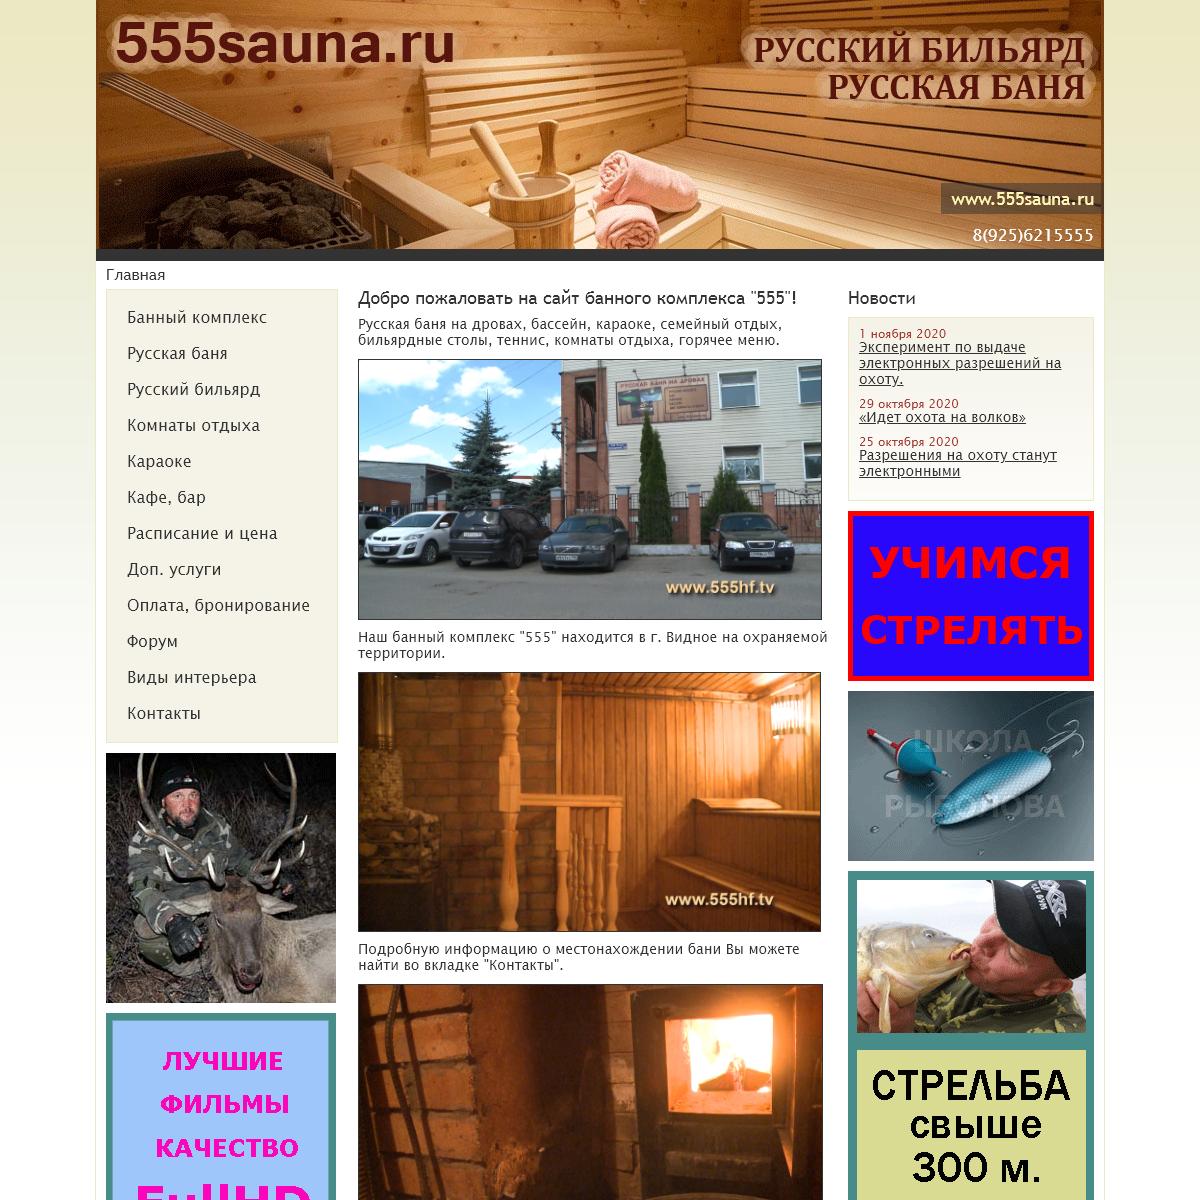 Добро пожаловать на сайт банного комплекса -555-! - 555sh.ru